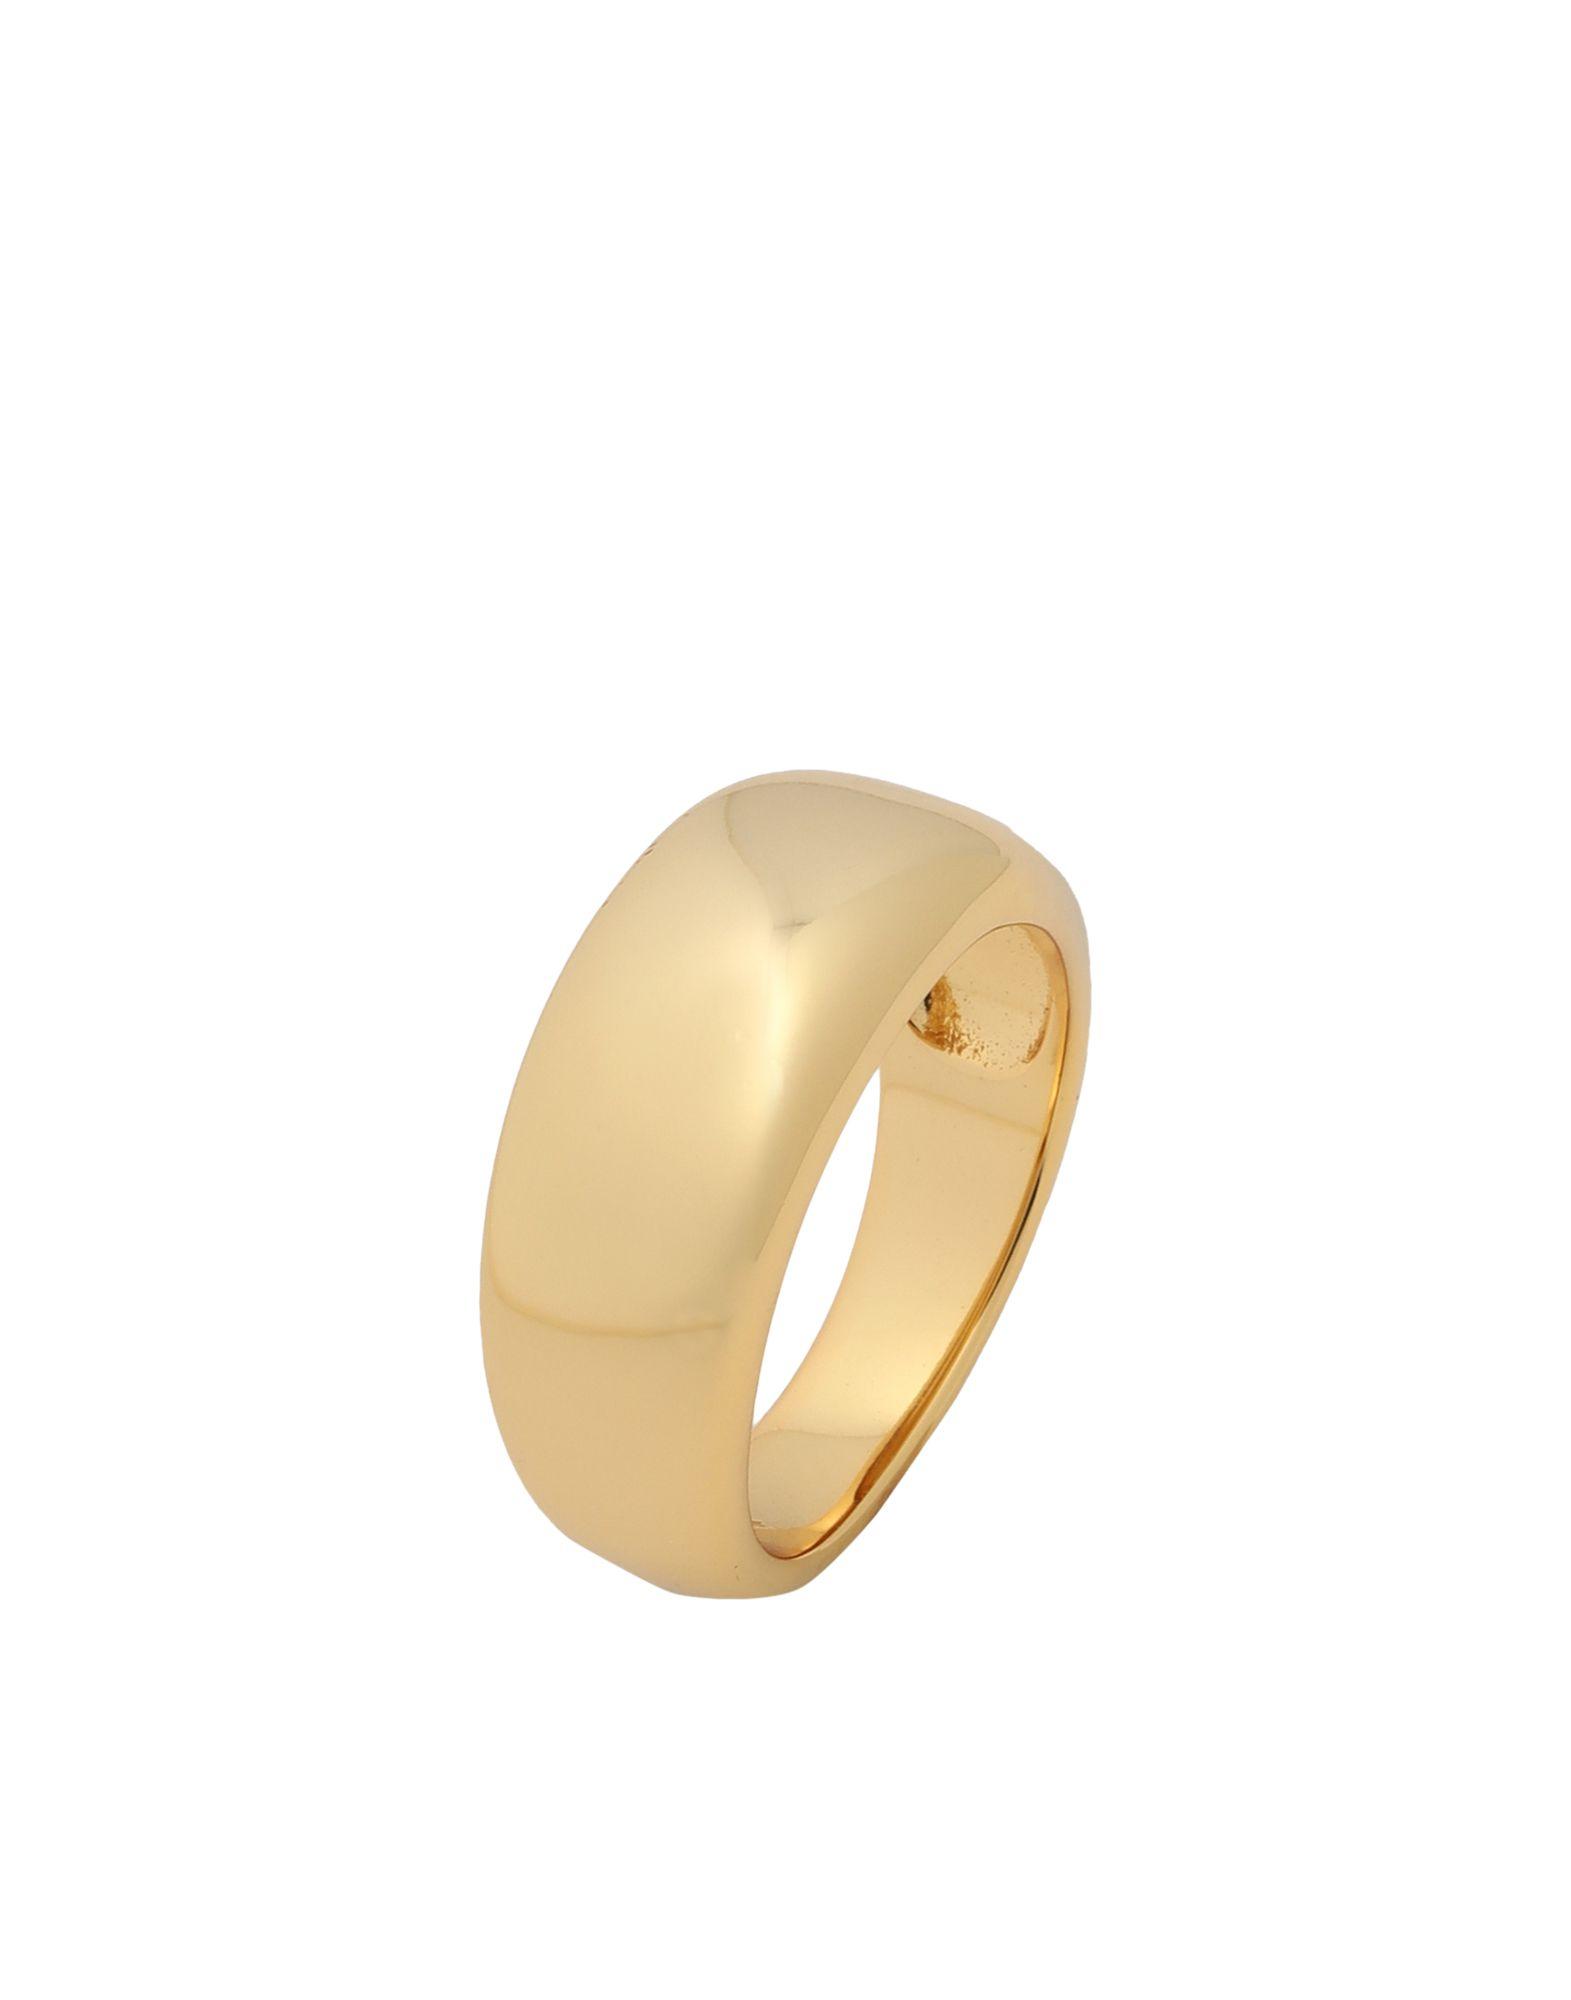 《セール開催中》GALLERIA ARMADORO レディース 指輪 ゴールド 56 銀 LARGE ETERNITY RING